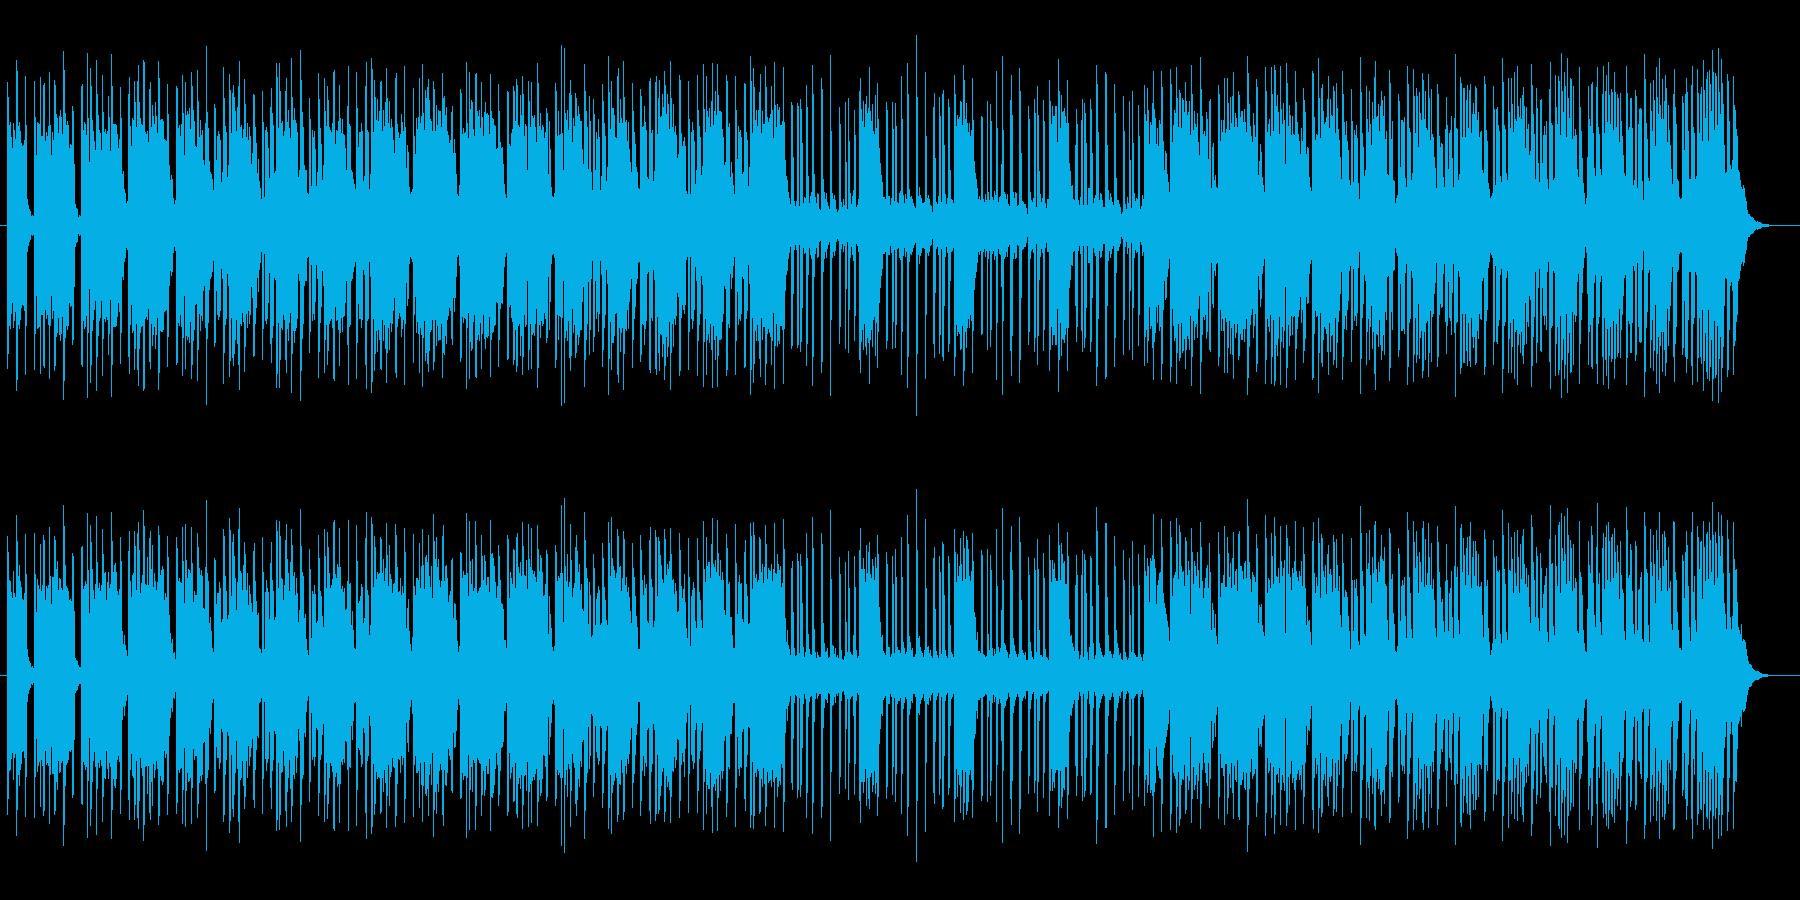 ほの明るいミステリーミュージックの再生済みの波形